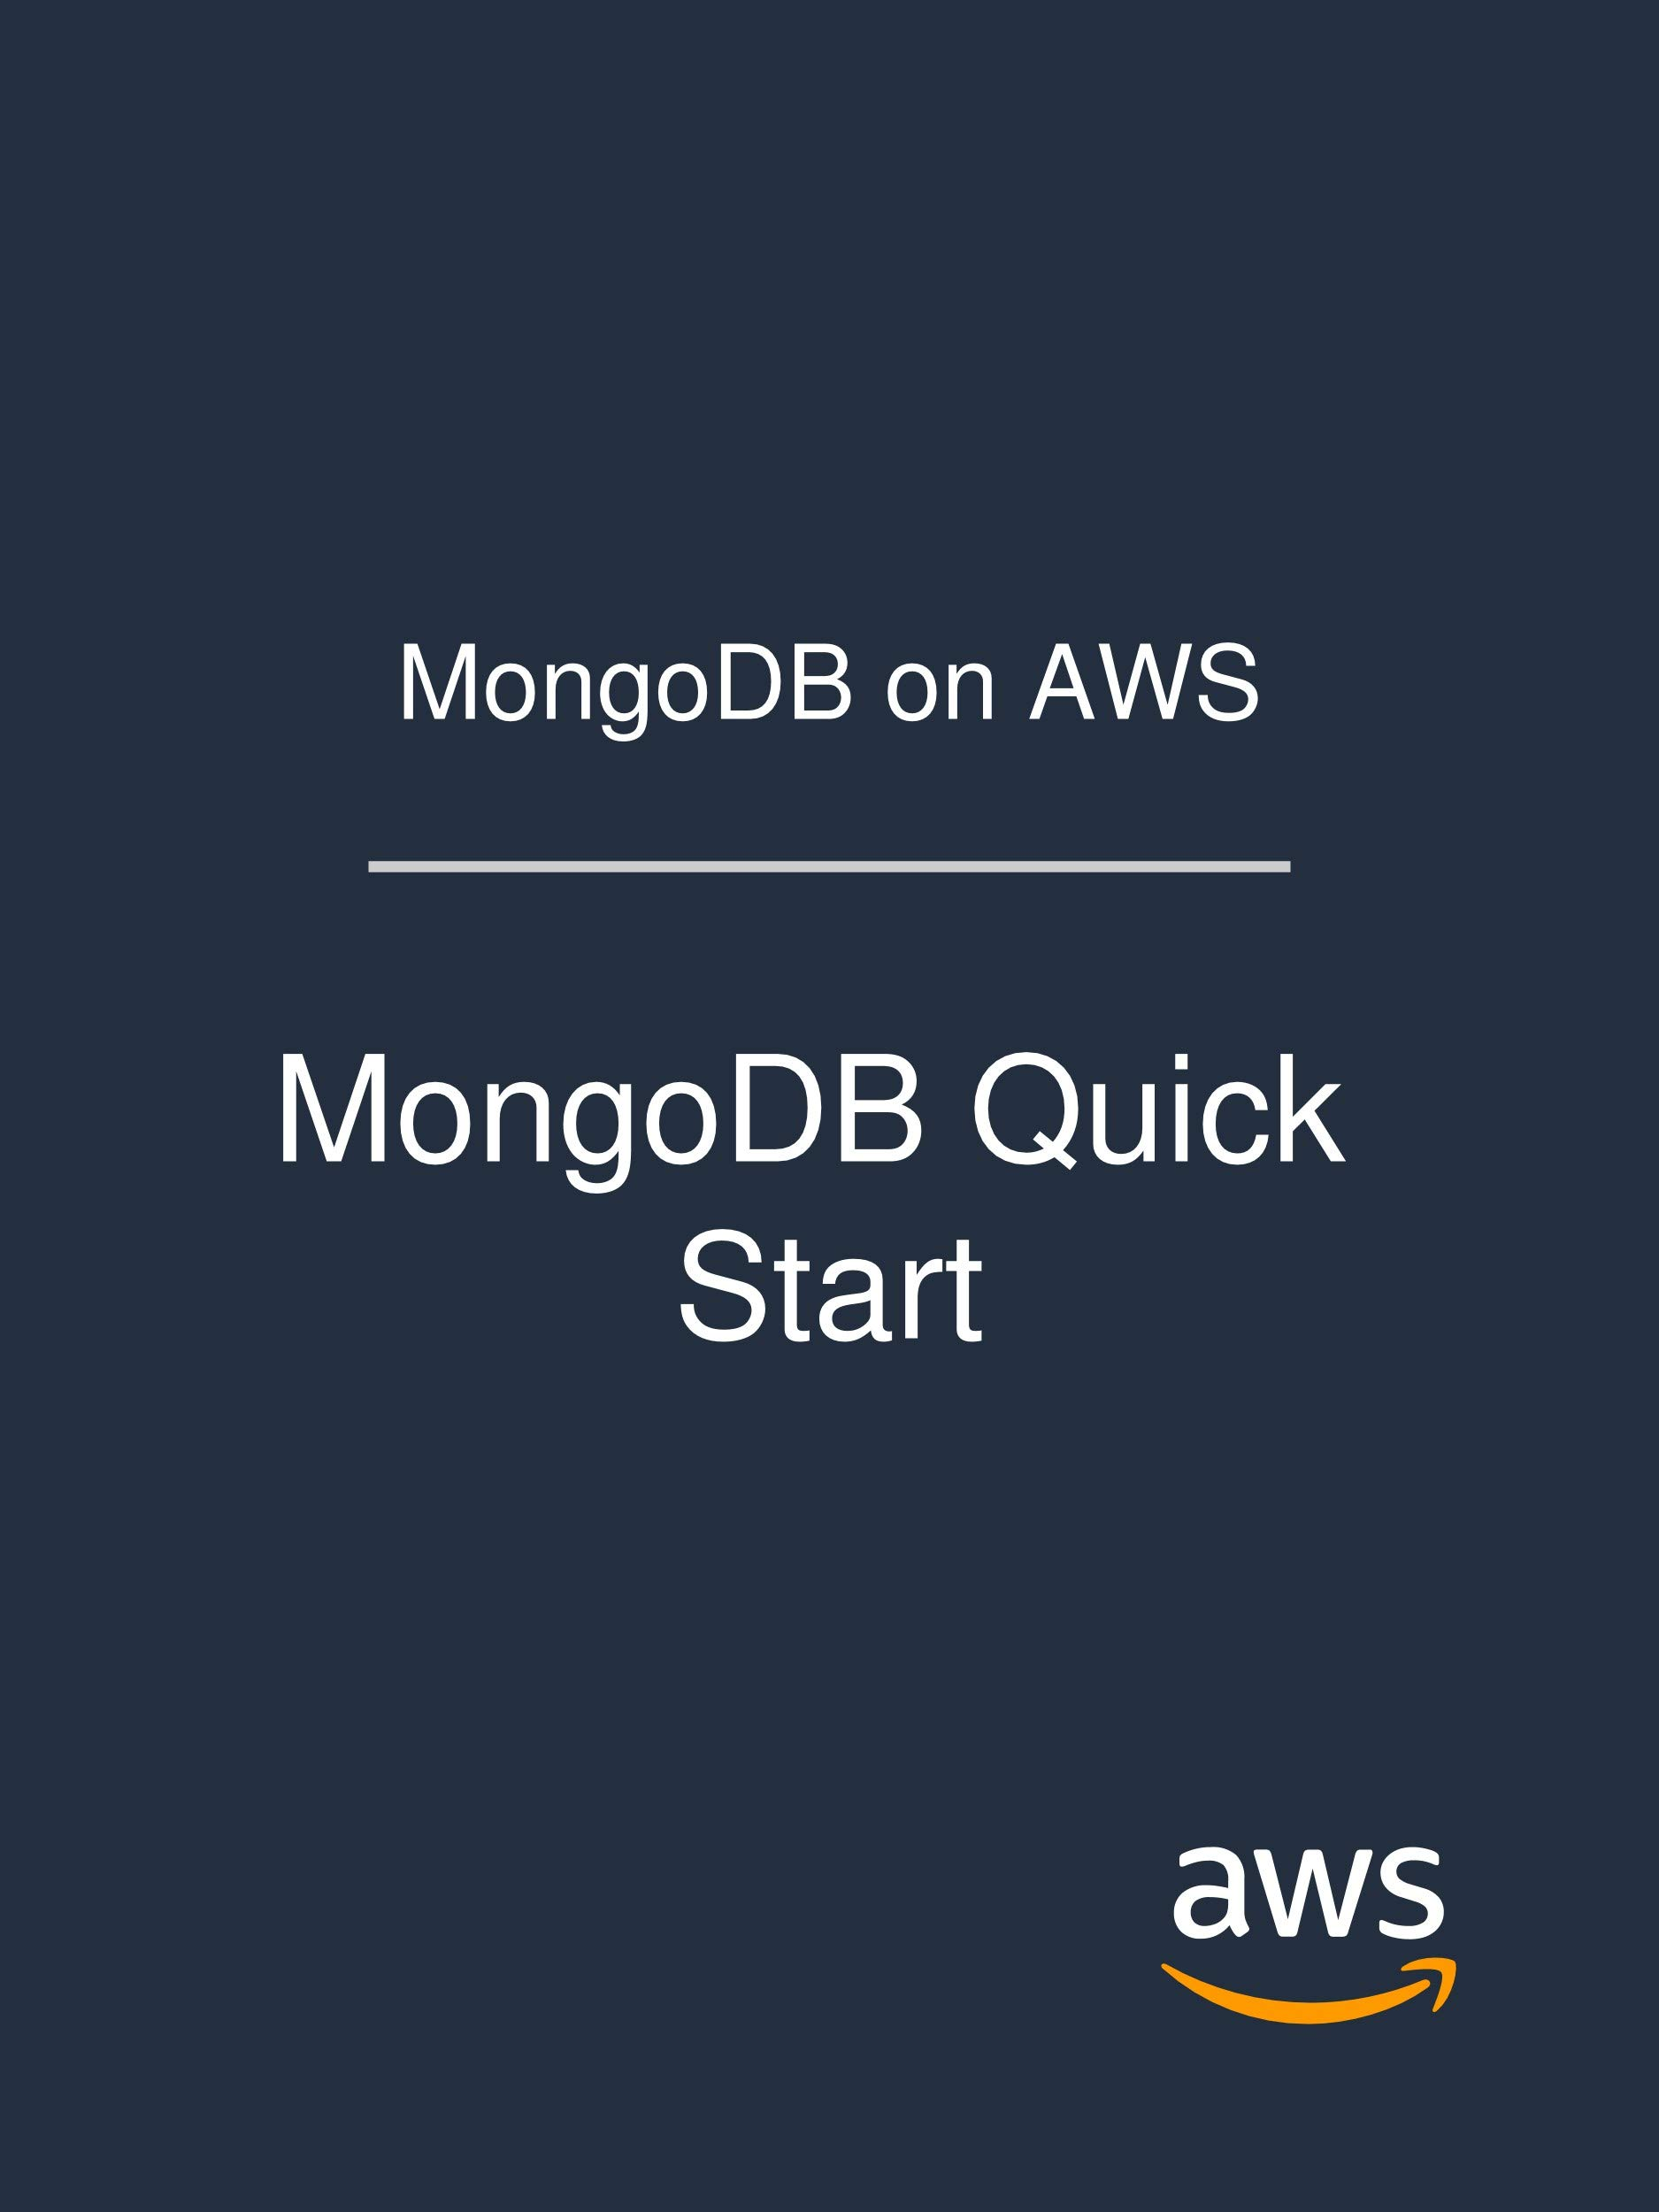 MongoDB on AWS: MongoDB Quick Start